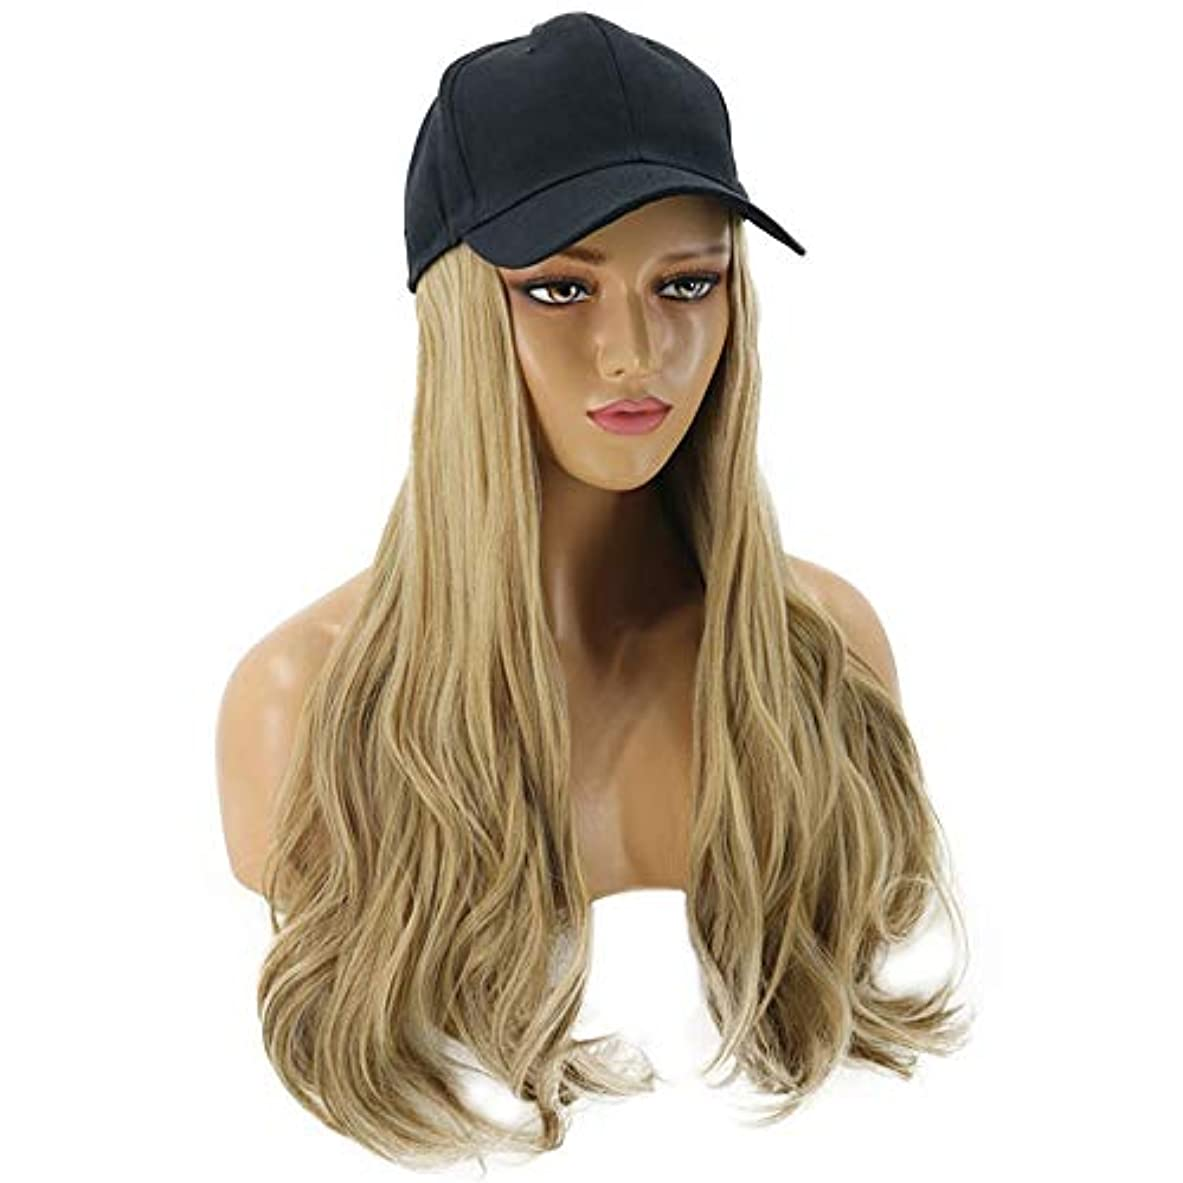 テニス炎上作者HAILAN HOME-かつら 女性のファッションノベルティかつらハットワンピース帽子ウィッグForesightfulカーリーヘアグラデーションブラウンワンピース取り外し可能 (色 : Mixed gold)